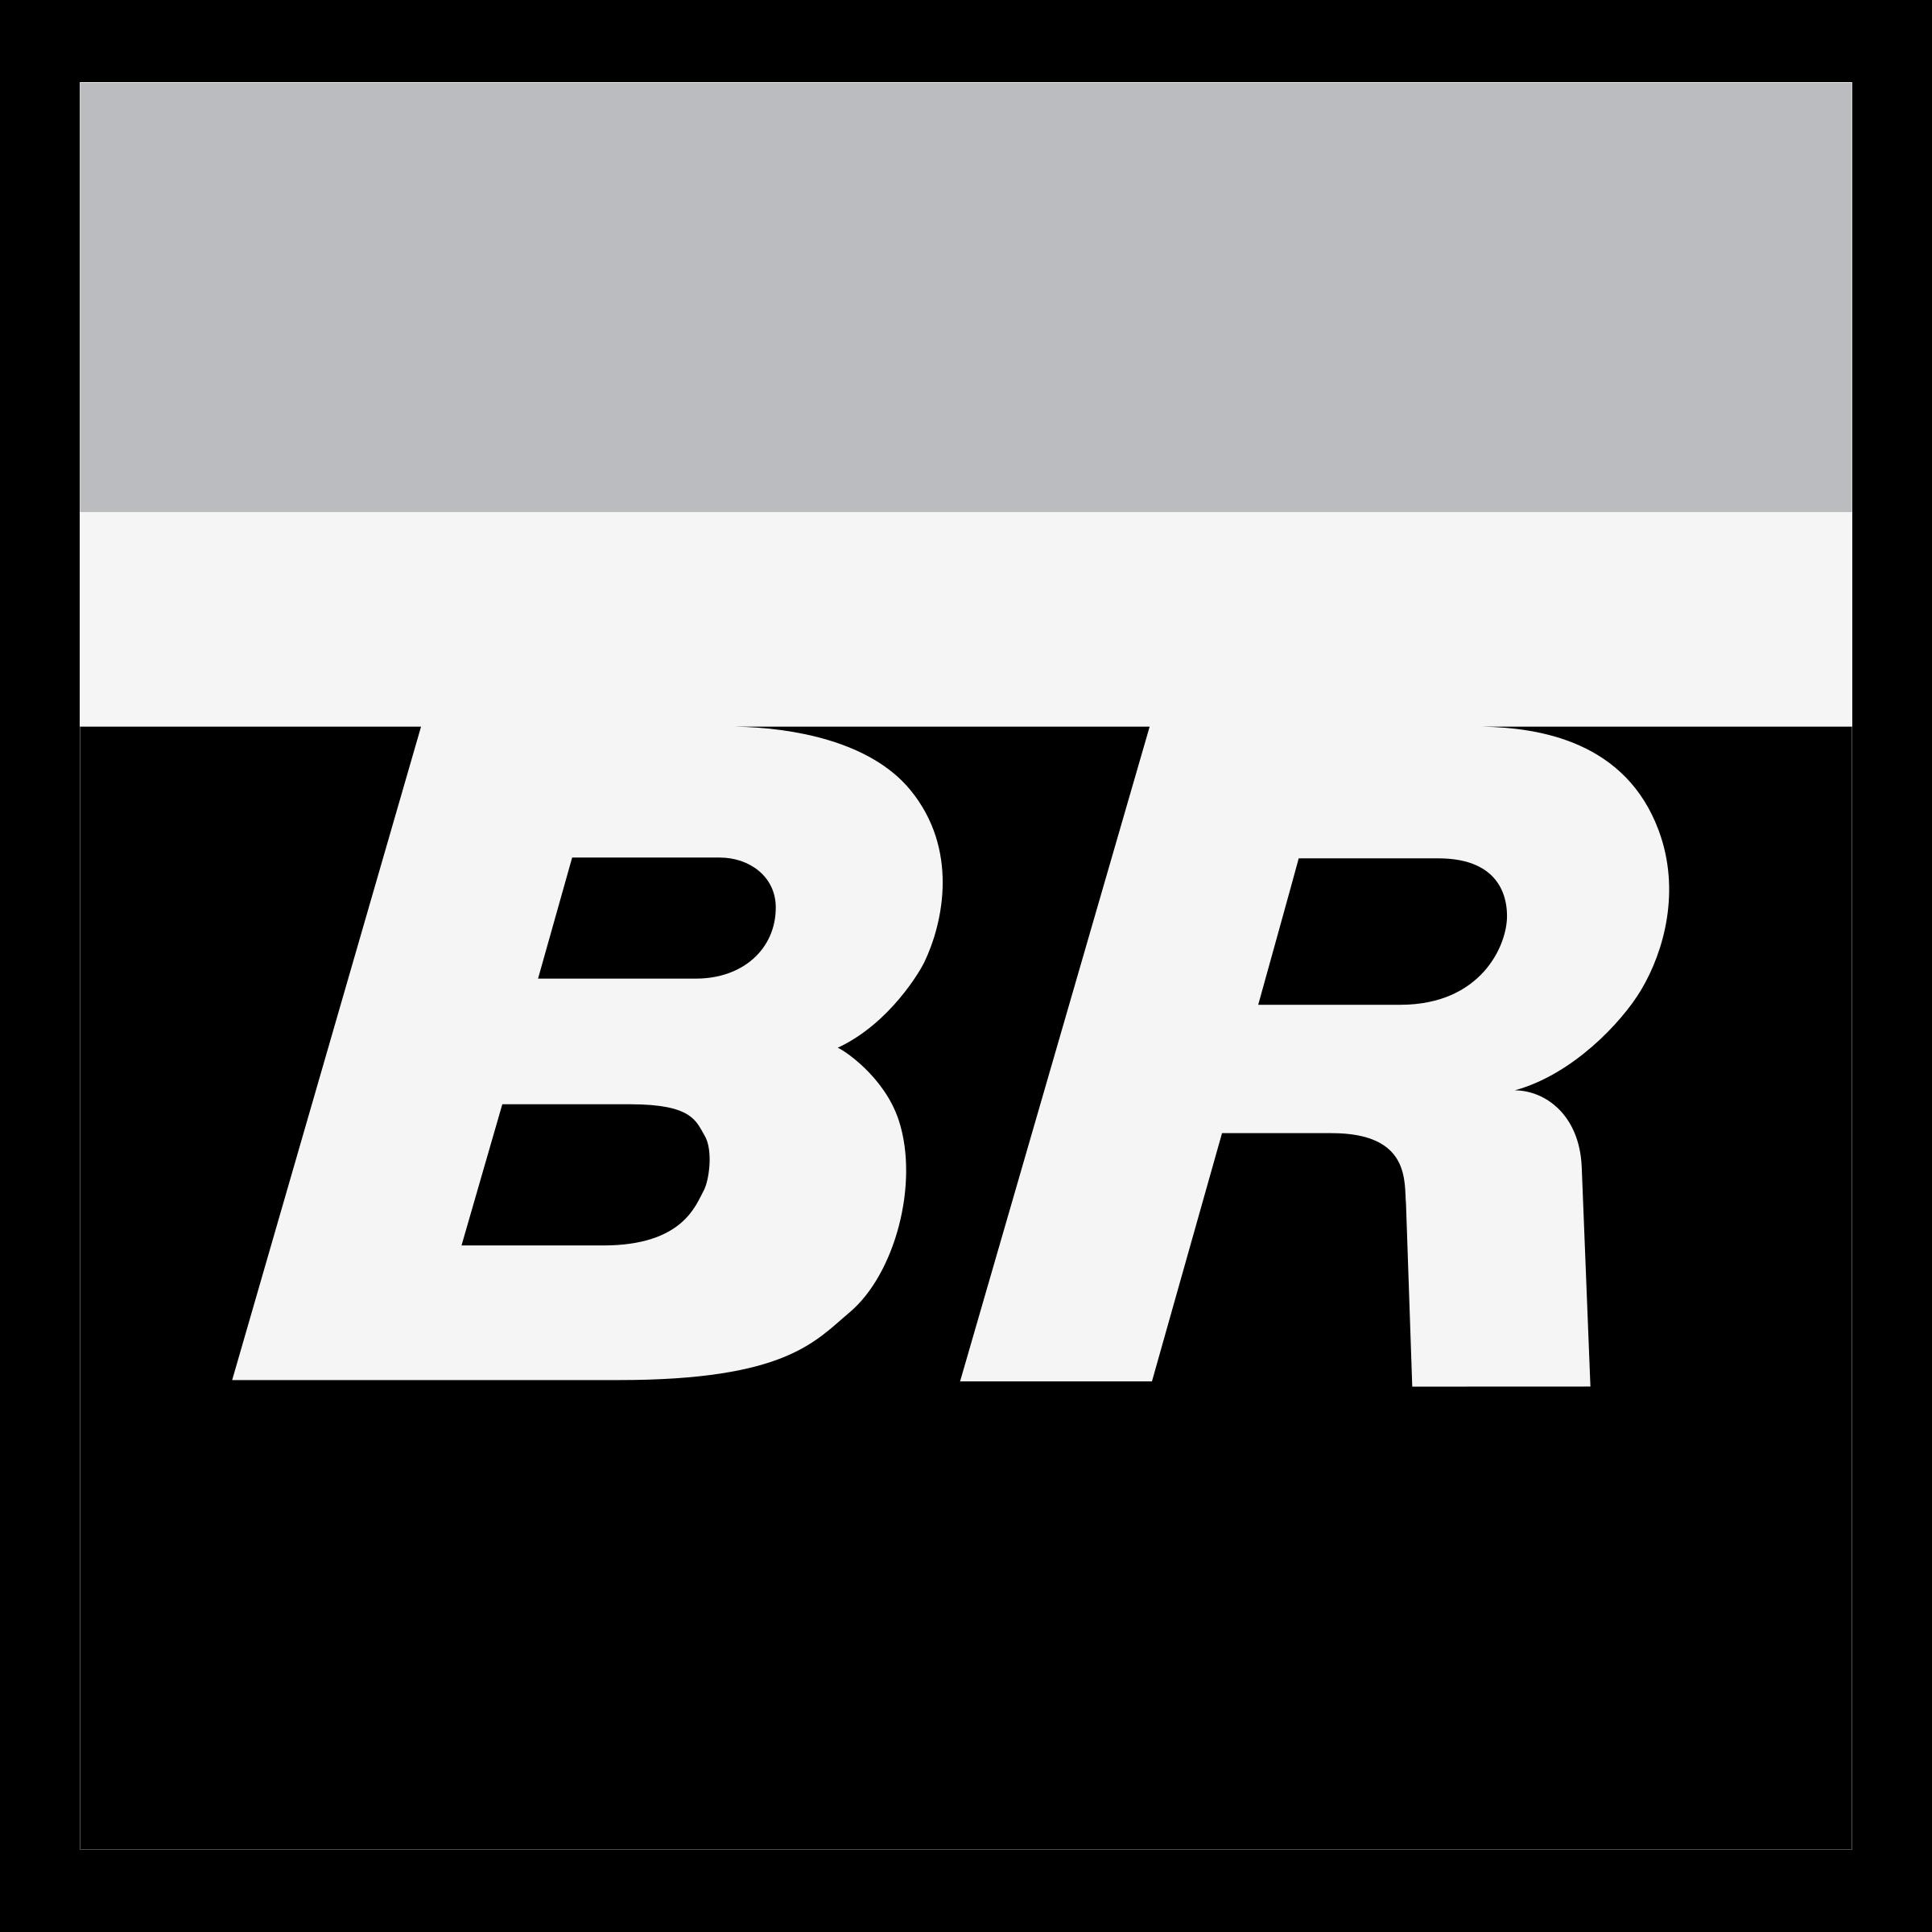 Petrobras Logo PNG Transparent & SVG Vector.